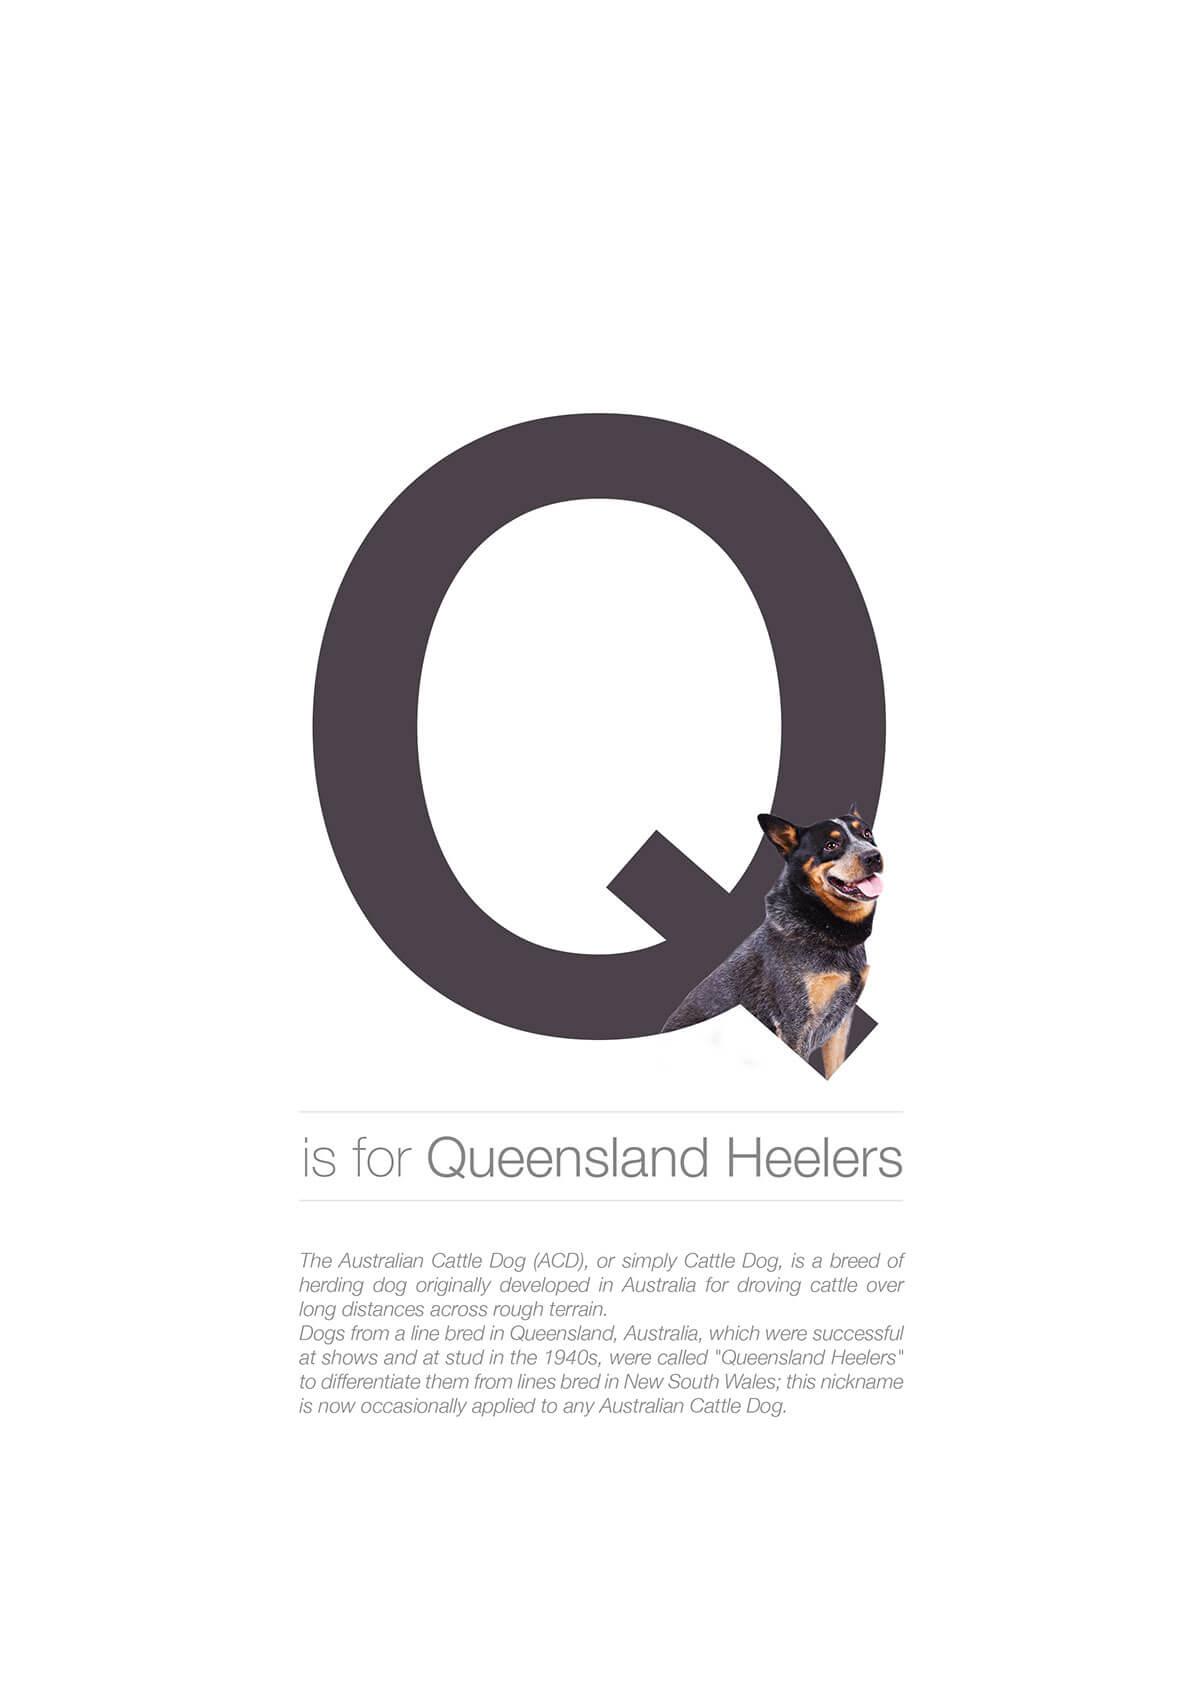 Q ตัวอักษรกราฟฟิค A Z สายพันธุ์หมาไอเดียน่ารักจากดีไซน์เนอร์โรมาเนีย